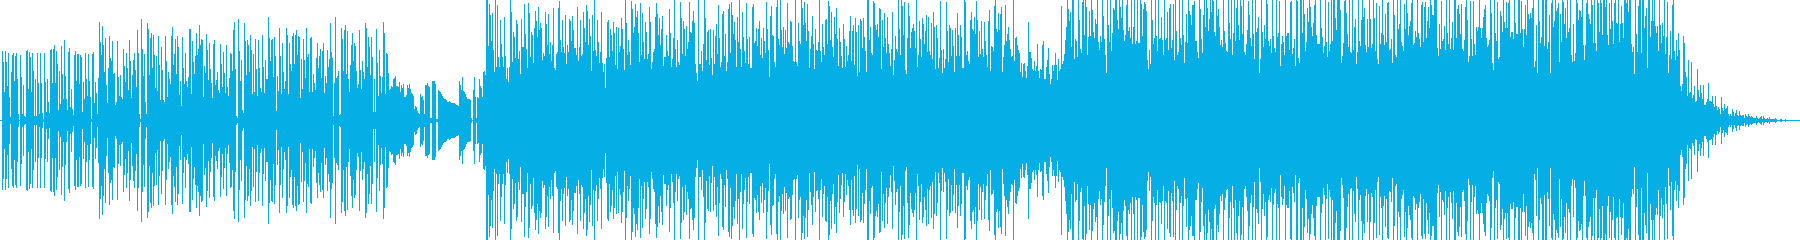 ロックエレクトロニック センチメン...の再生済みの波形